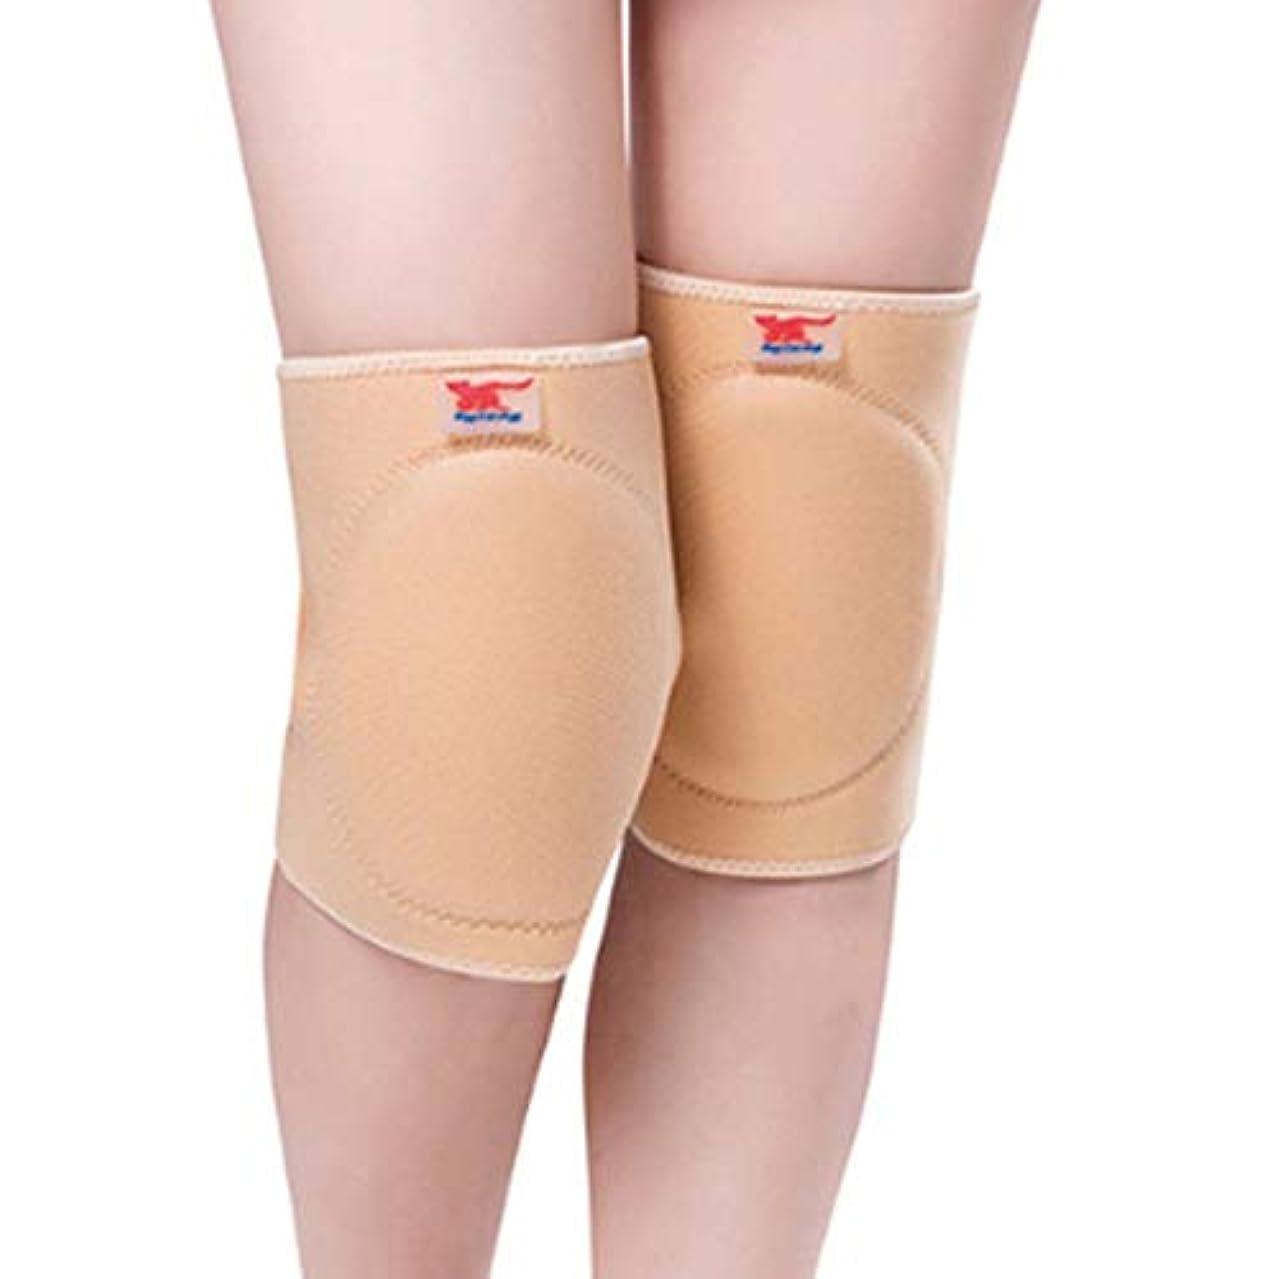 ほこりヒステリックベアリング反膝パッドウール防止関節炎保温暖かい膝サポート通気性肥厚膝パッド安全膝ブレース